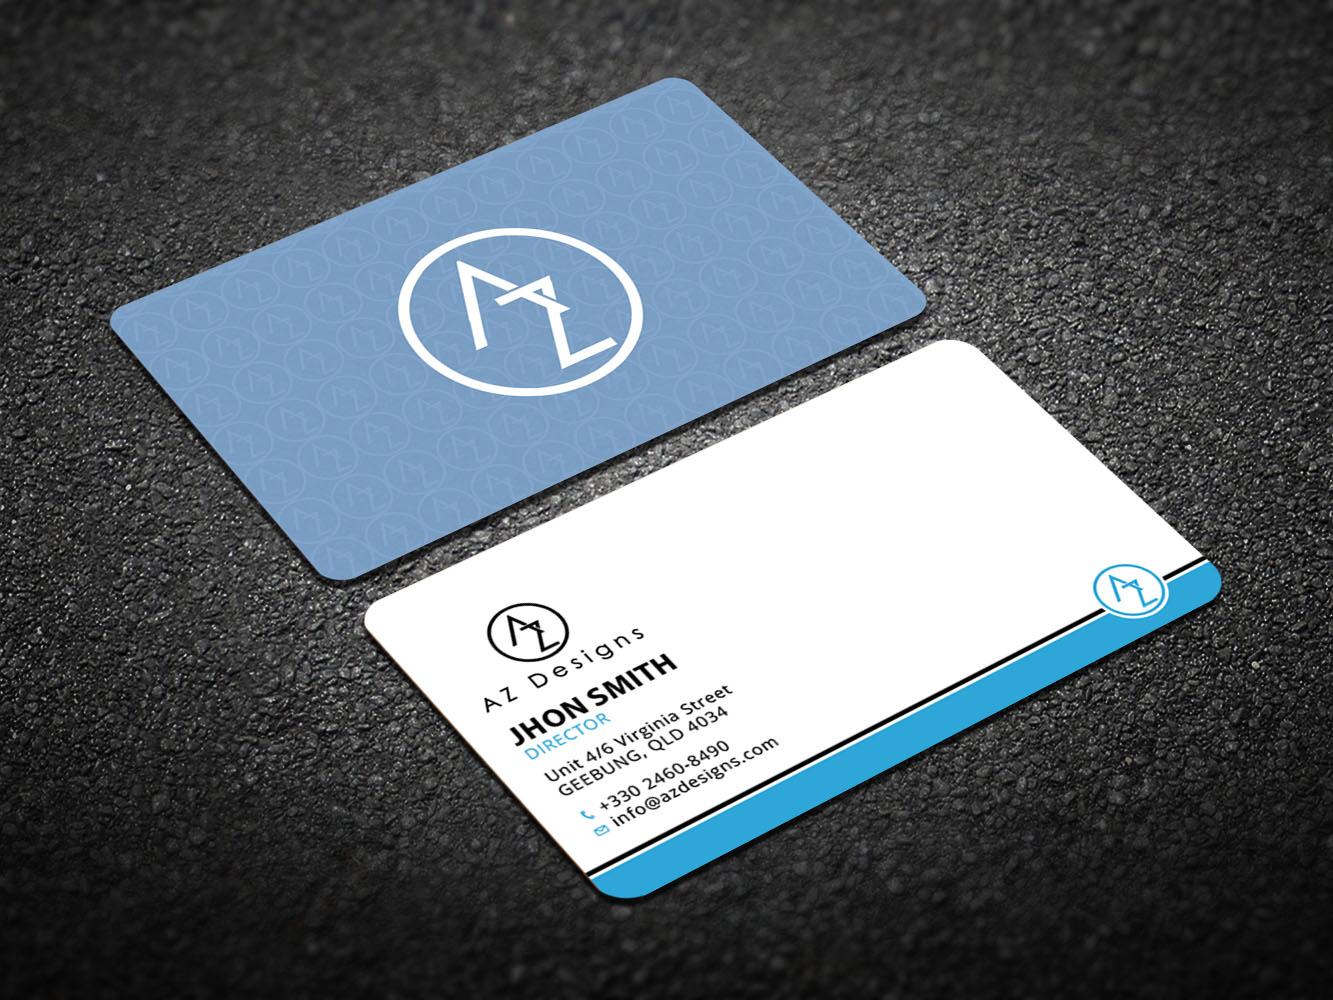 Elegant feminine design agency business card design for az designs business card design by design xeneration for az designs design 10751096 reheart Images